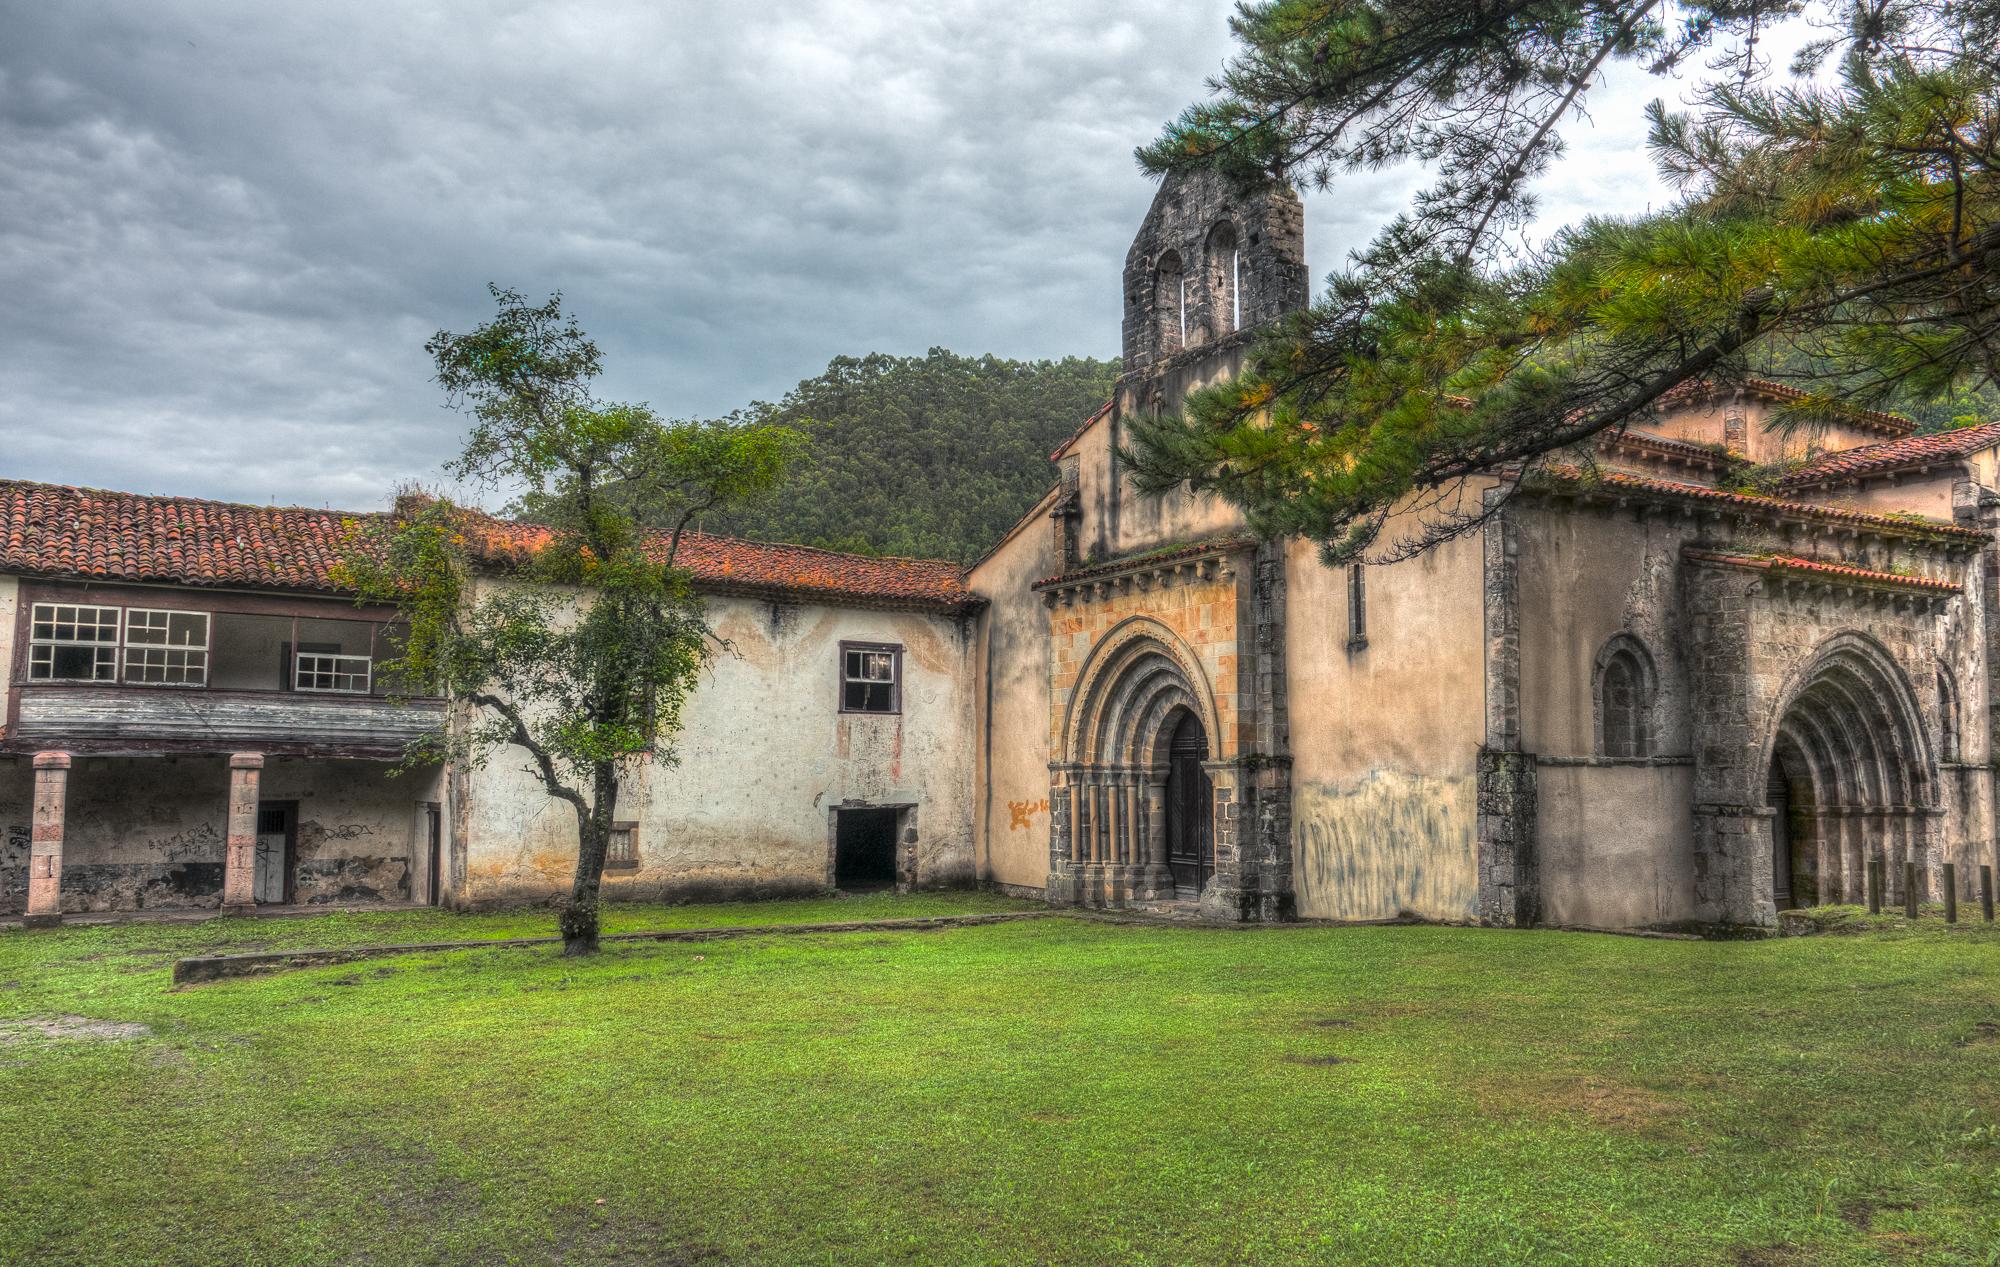 Fotos gratis paisaje villa palacio edificio pueblo - Casas gratis en pueblos de espana ...